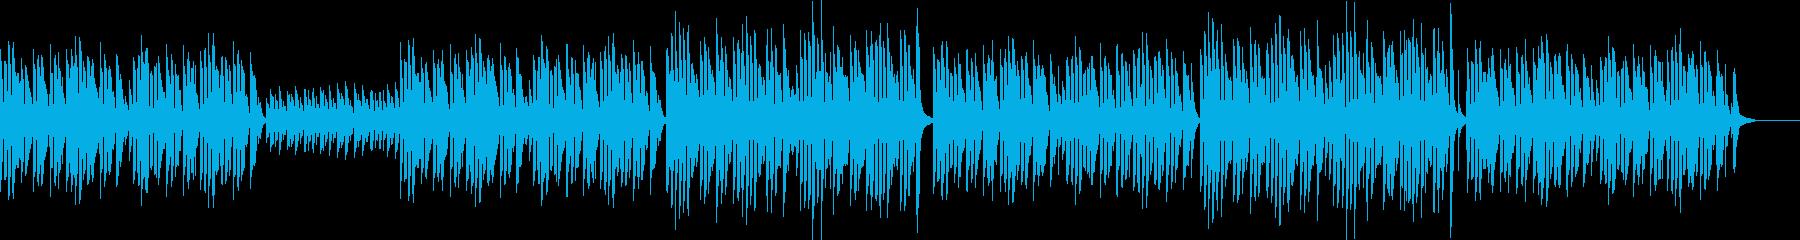 bpm096 キッズTikTok可愛い笛の再生済みの波形